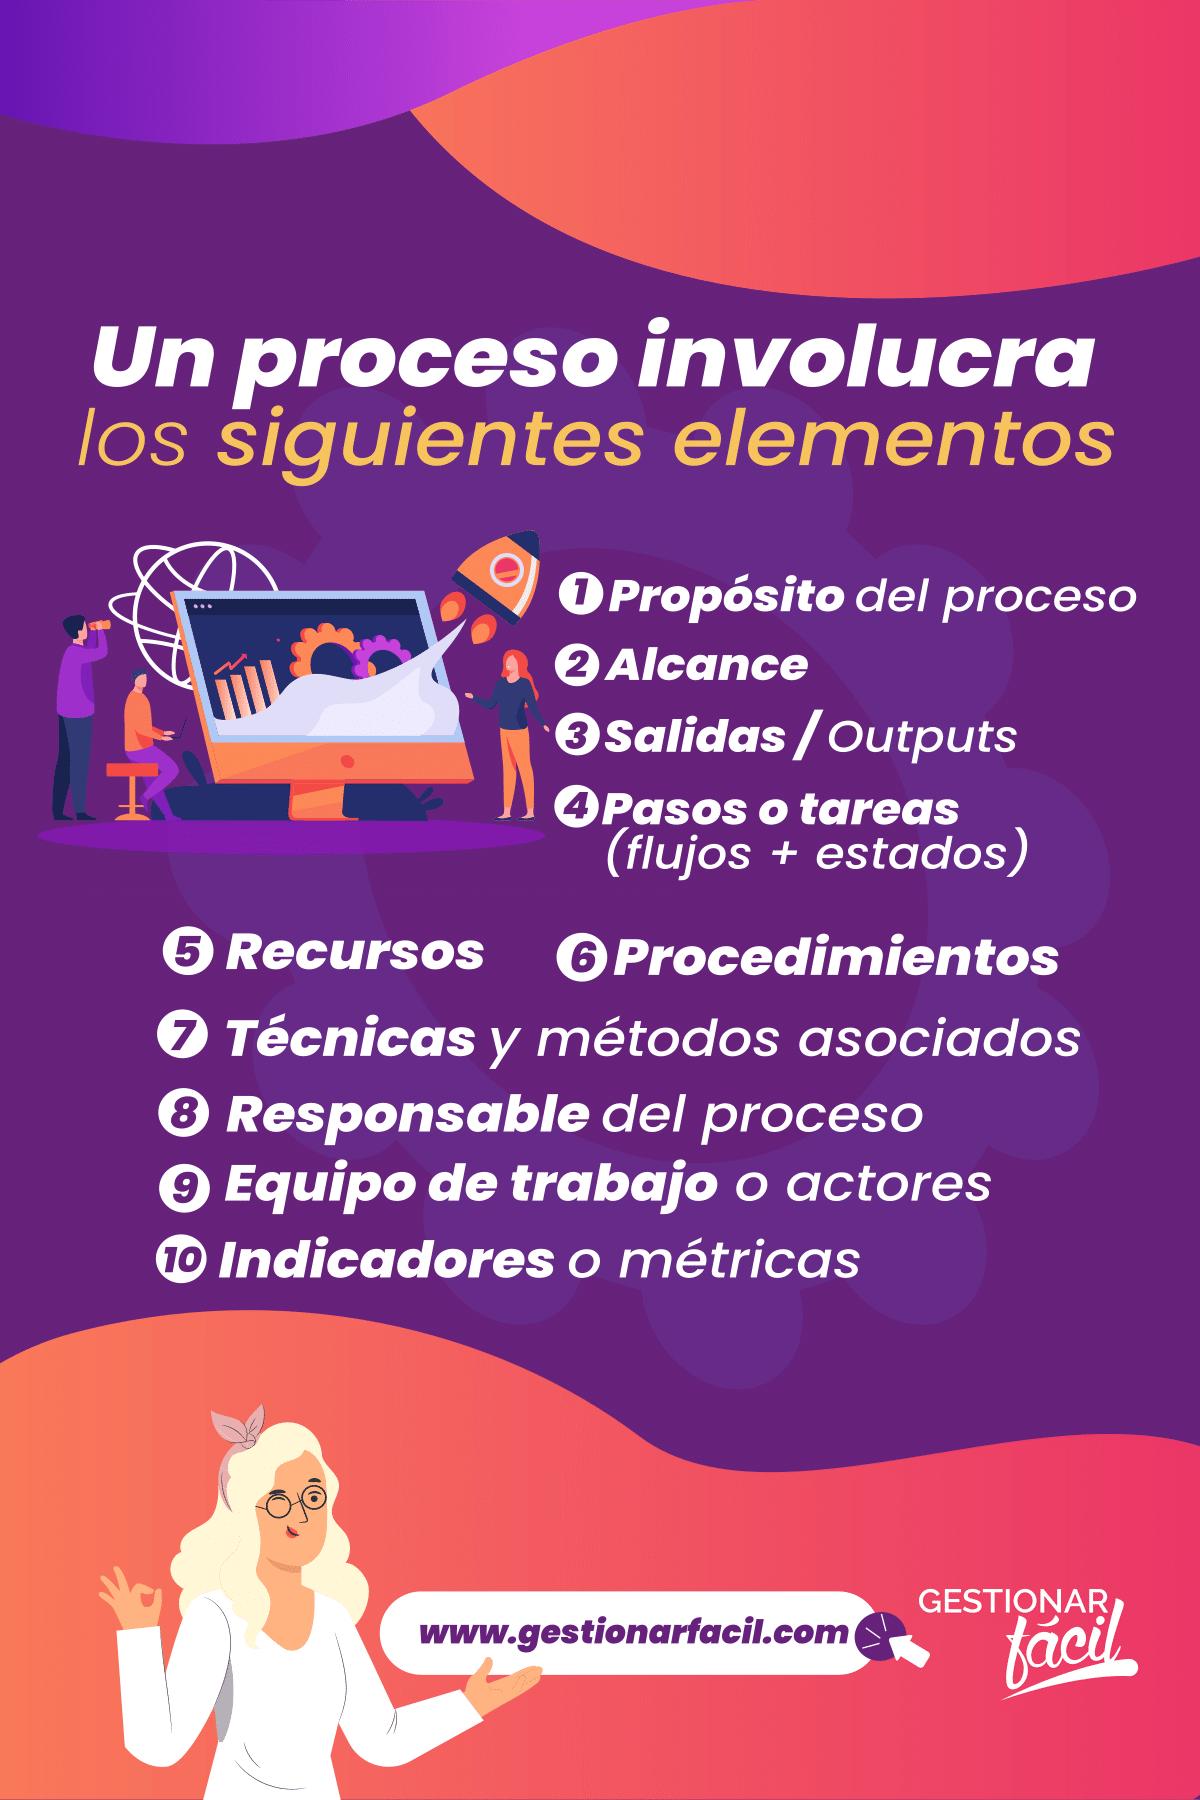 Elementos para definir un proceso en una empresa de servicio.